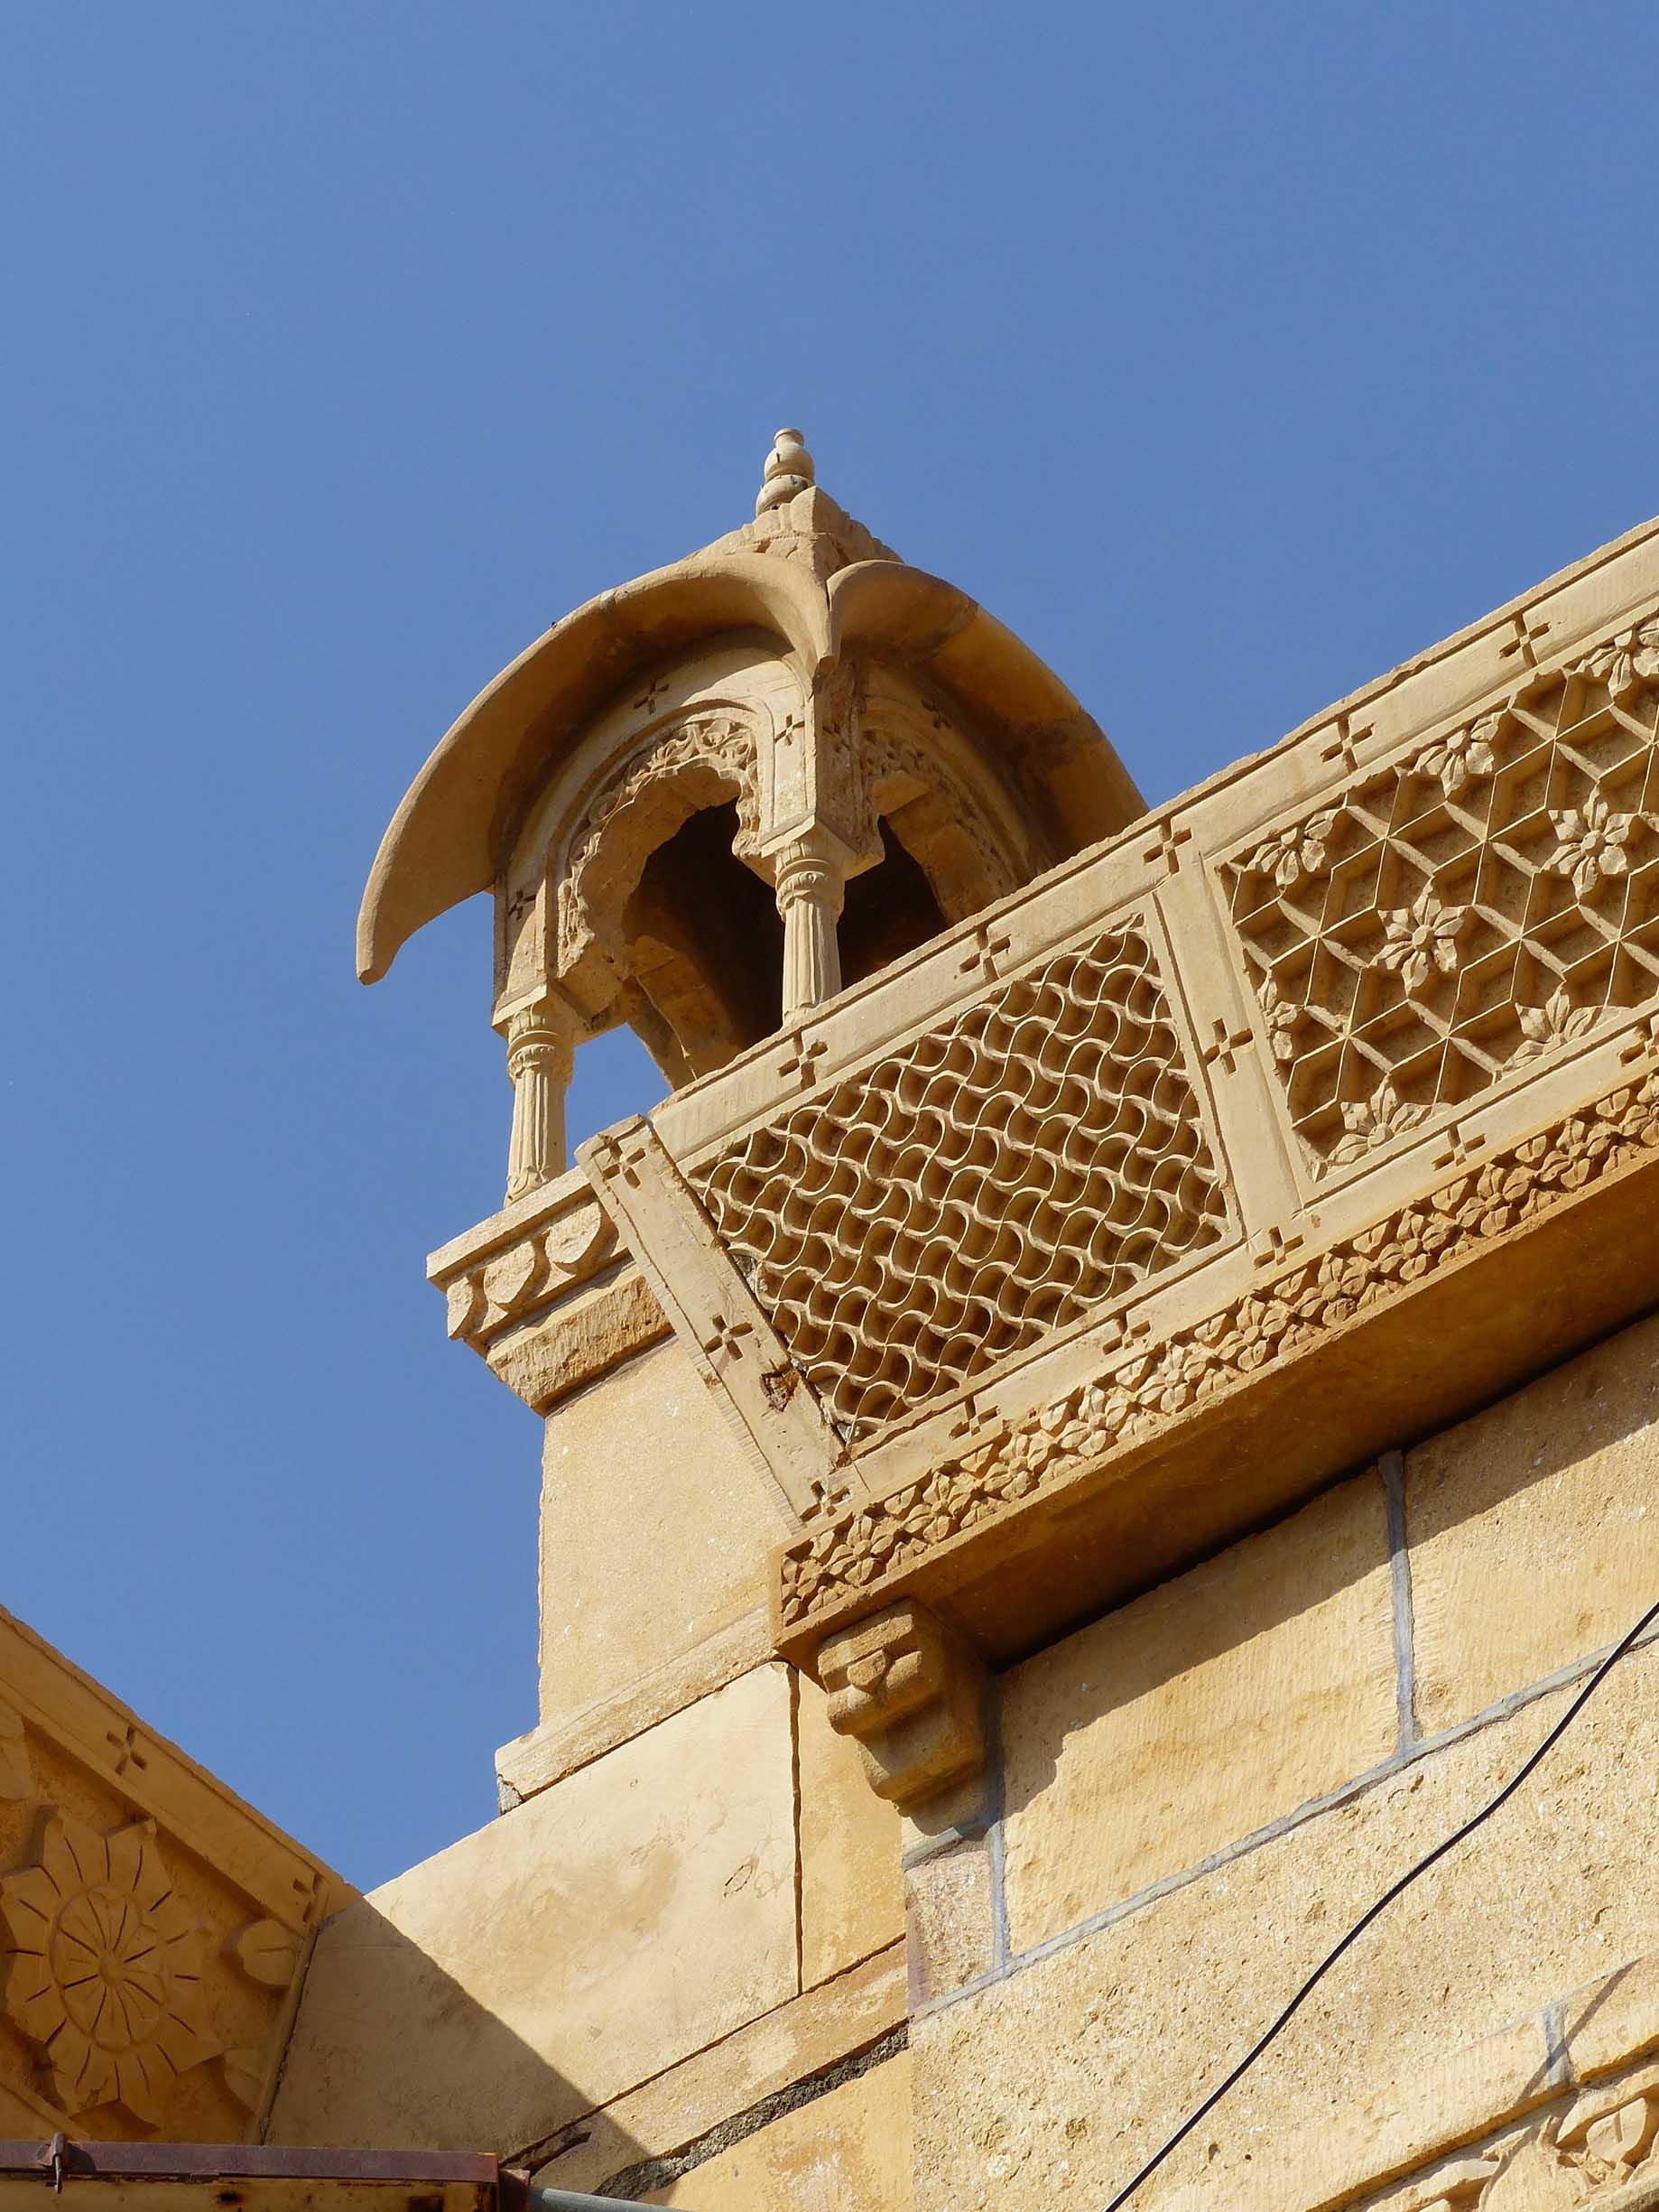 Ornate sandstone building